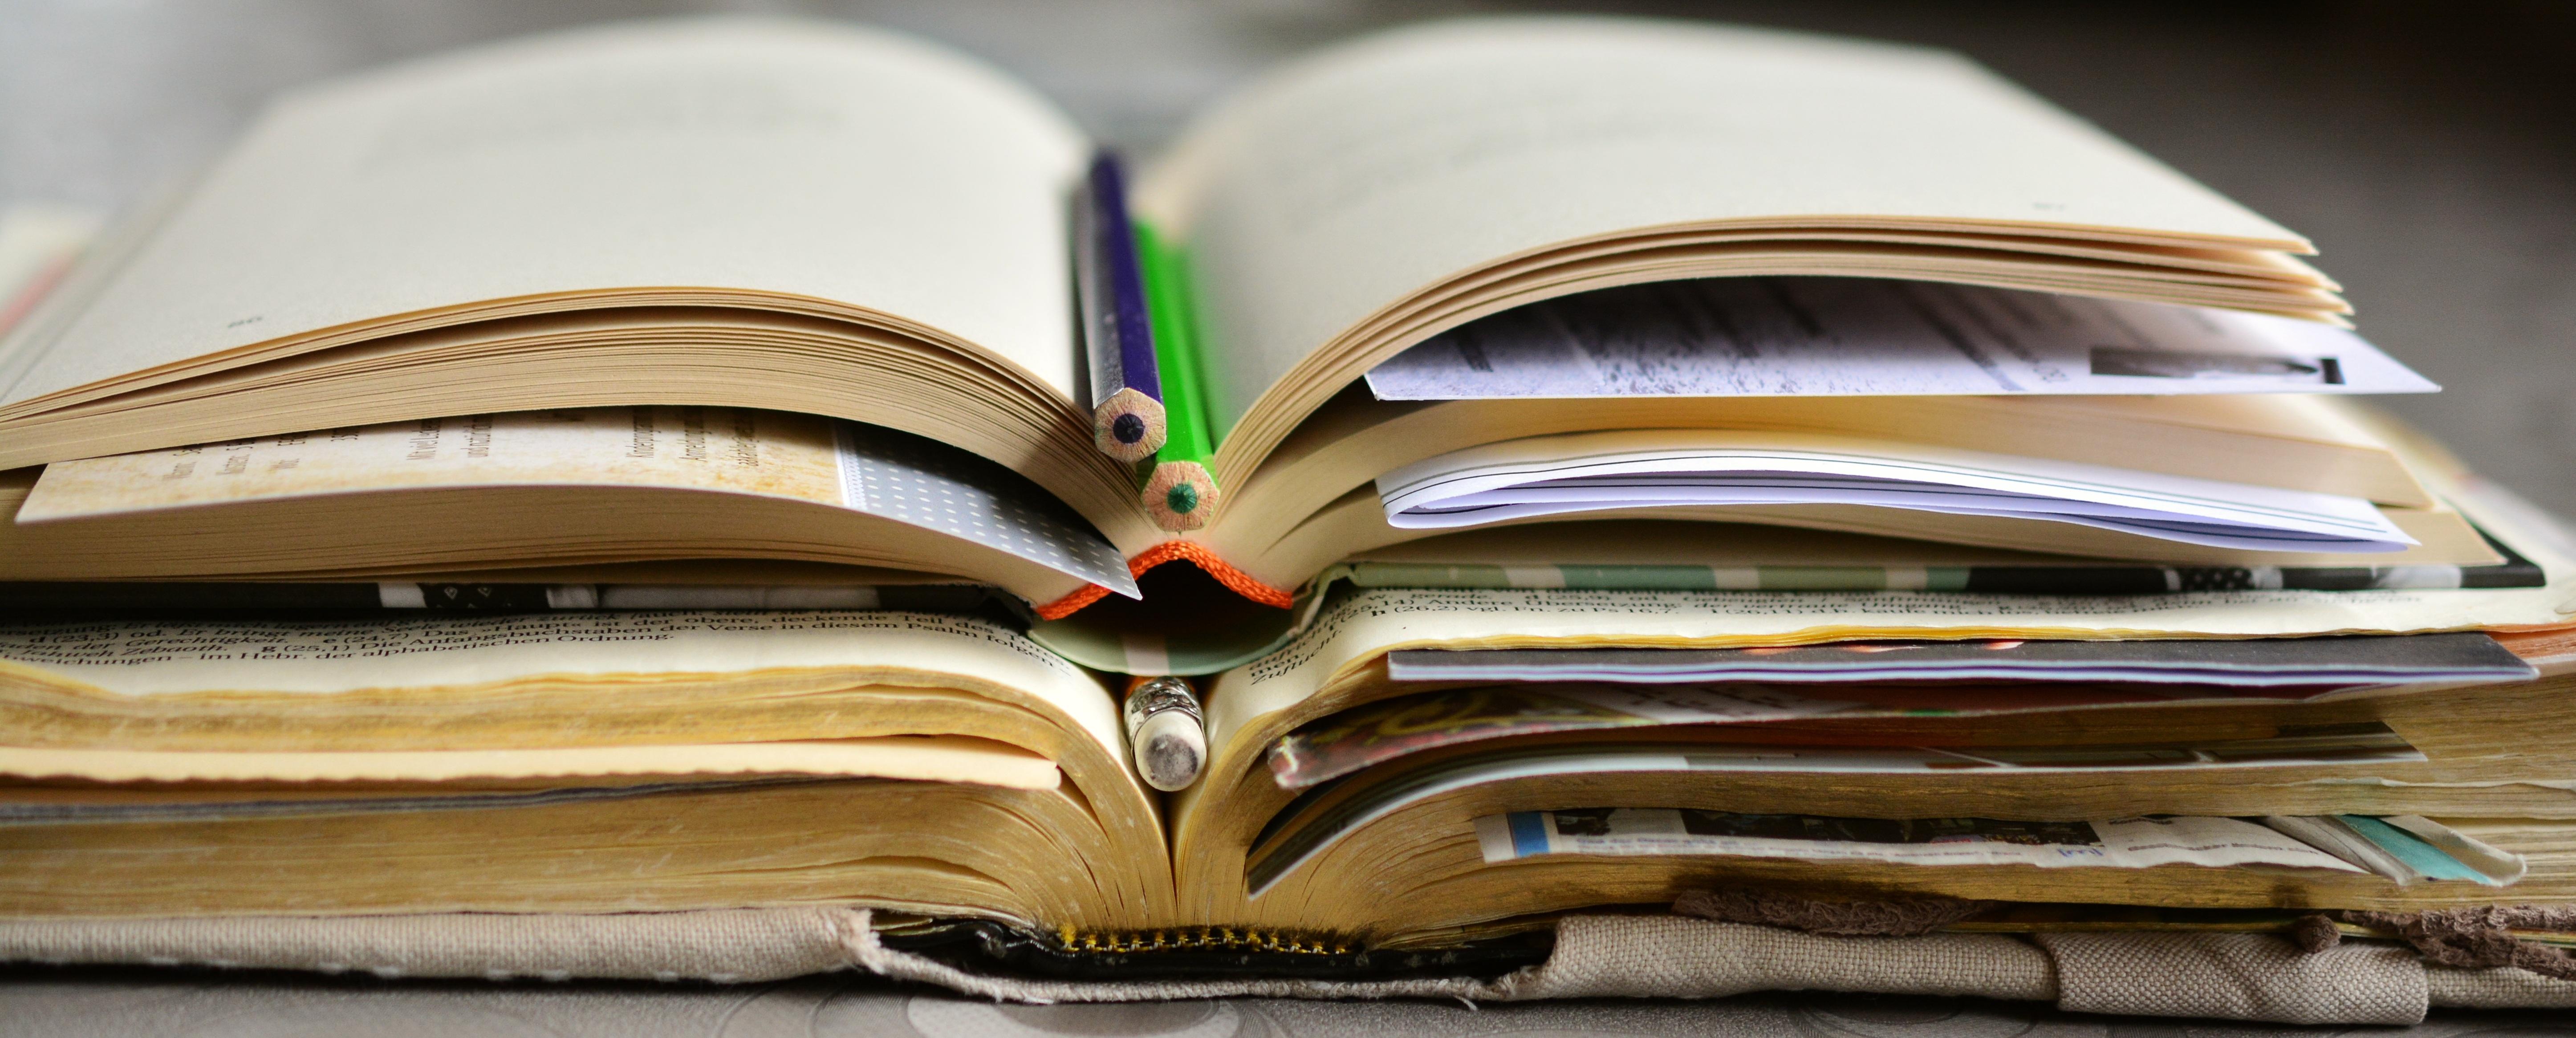 Direkt anwendbare Lerntechniken, um bessere Noten im Examen und im Jurastudium zu erreichen